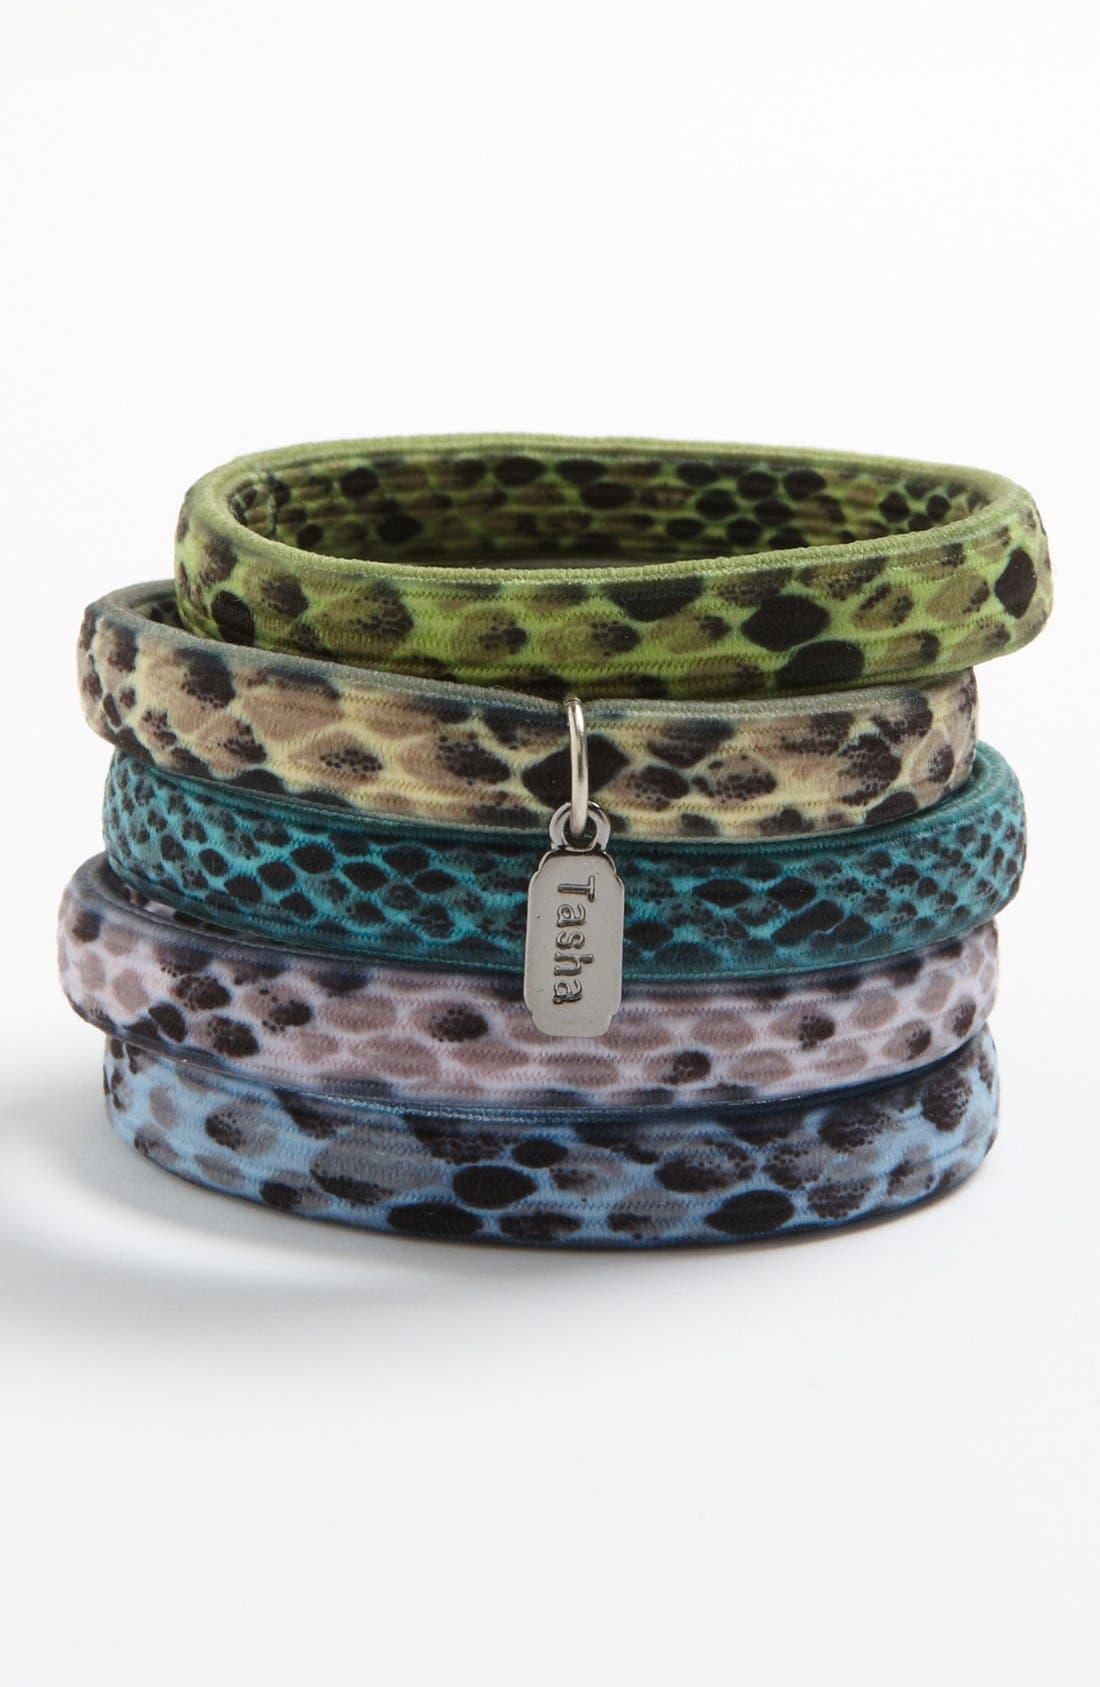 Alternate Image 1 Selected - Tasha 'Snake' Hair Ties (Set of 5)